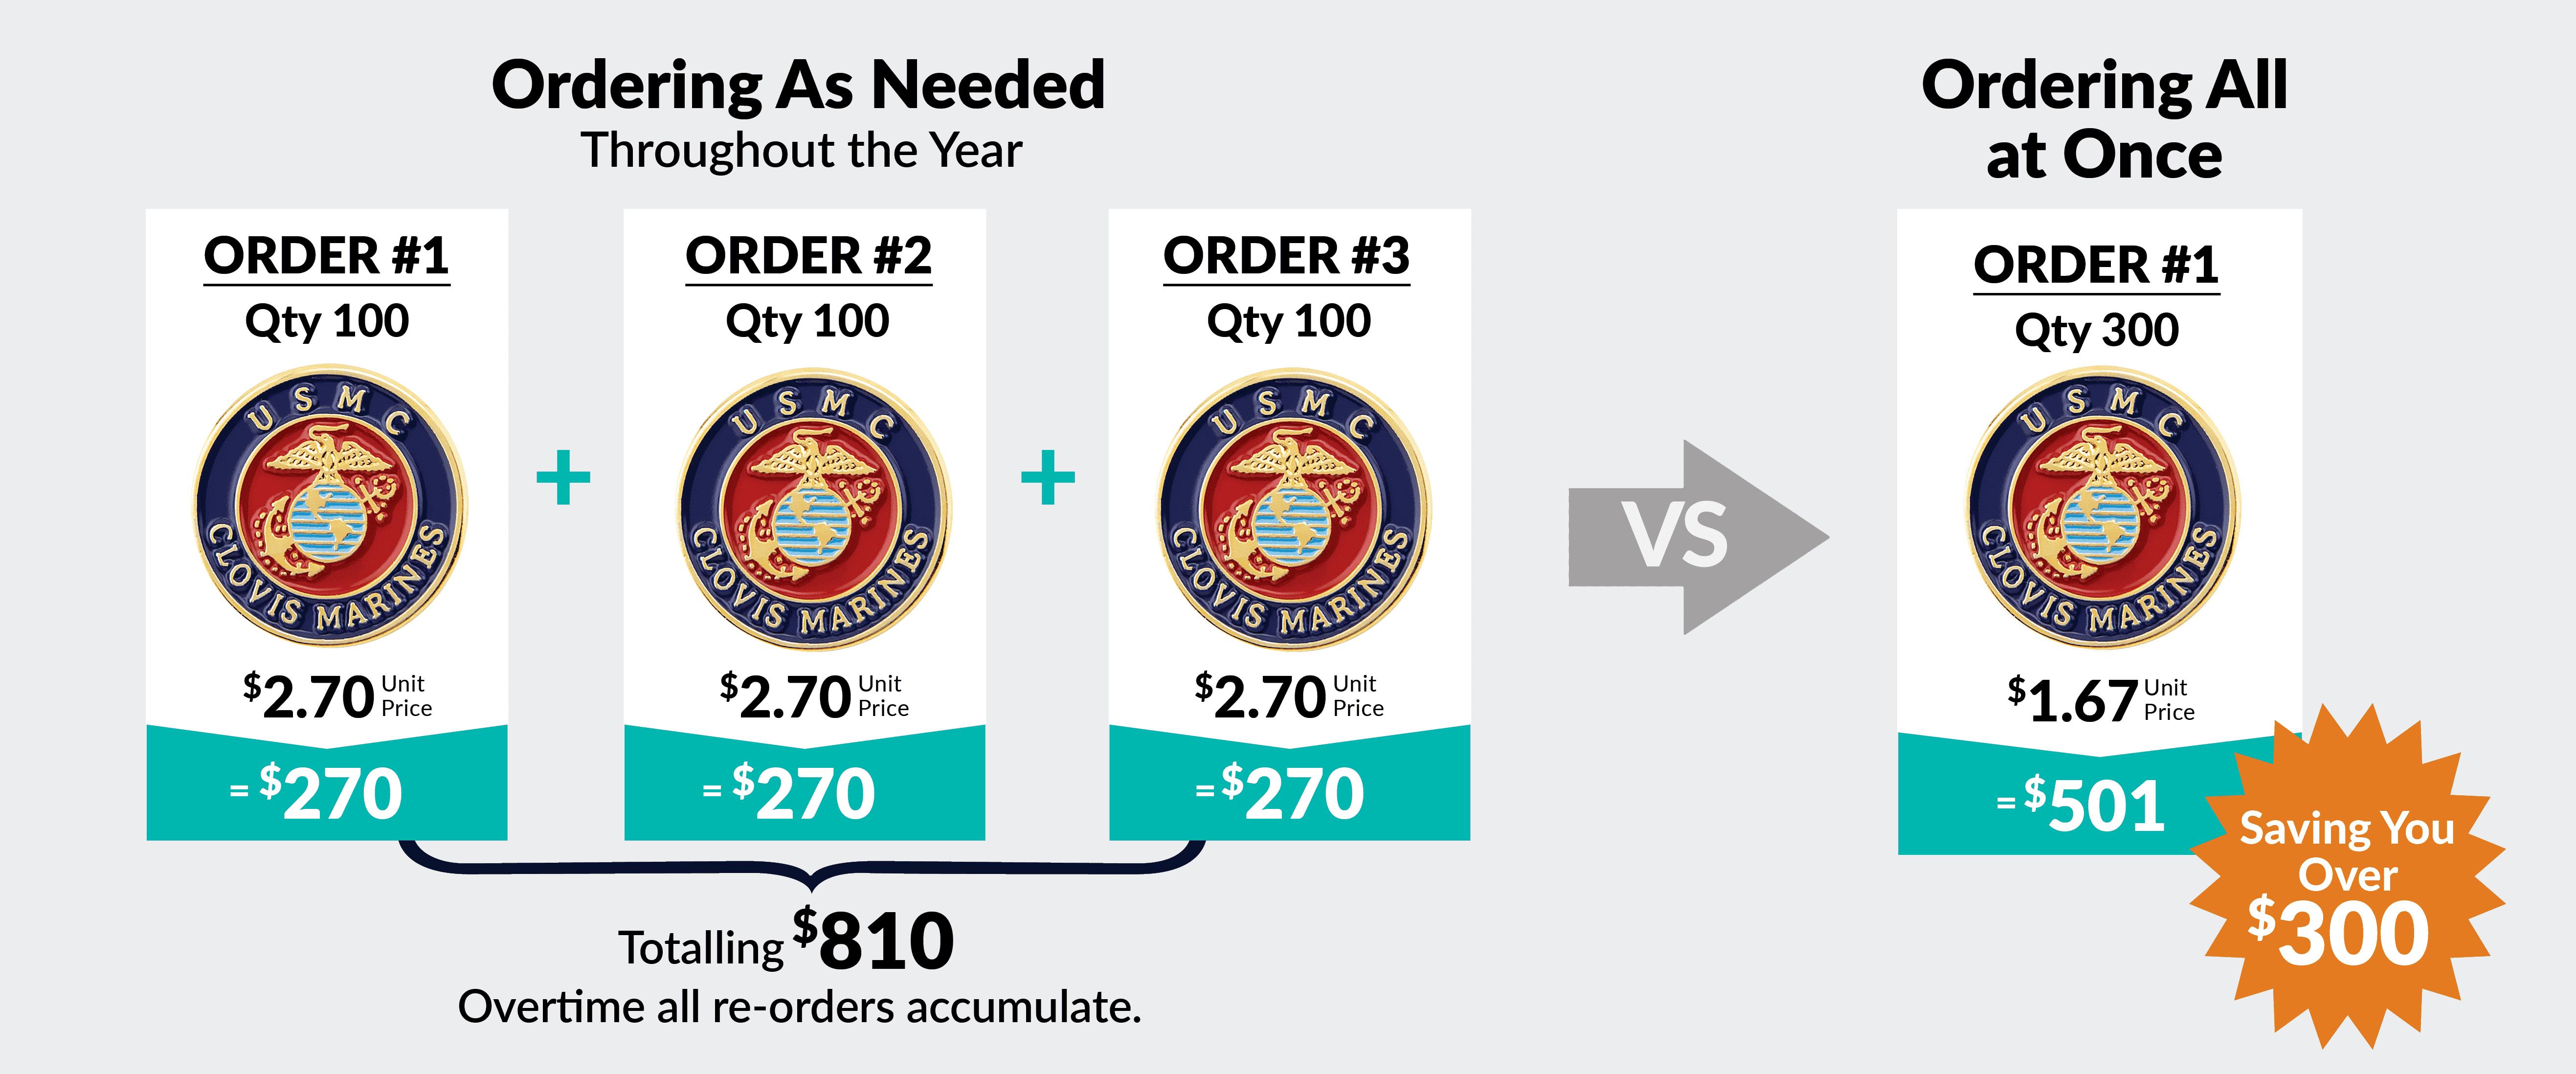 Budget-Friendly-Unit-Price-Vs-Bulk-Comparison